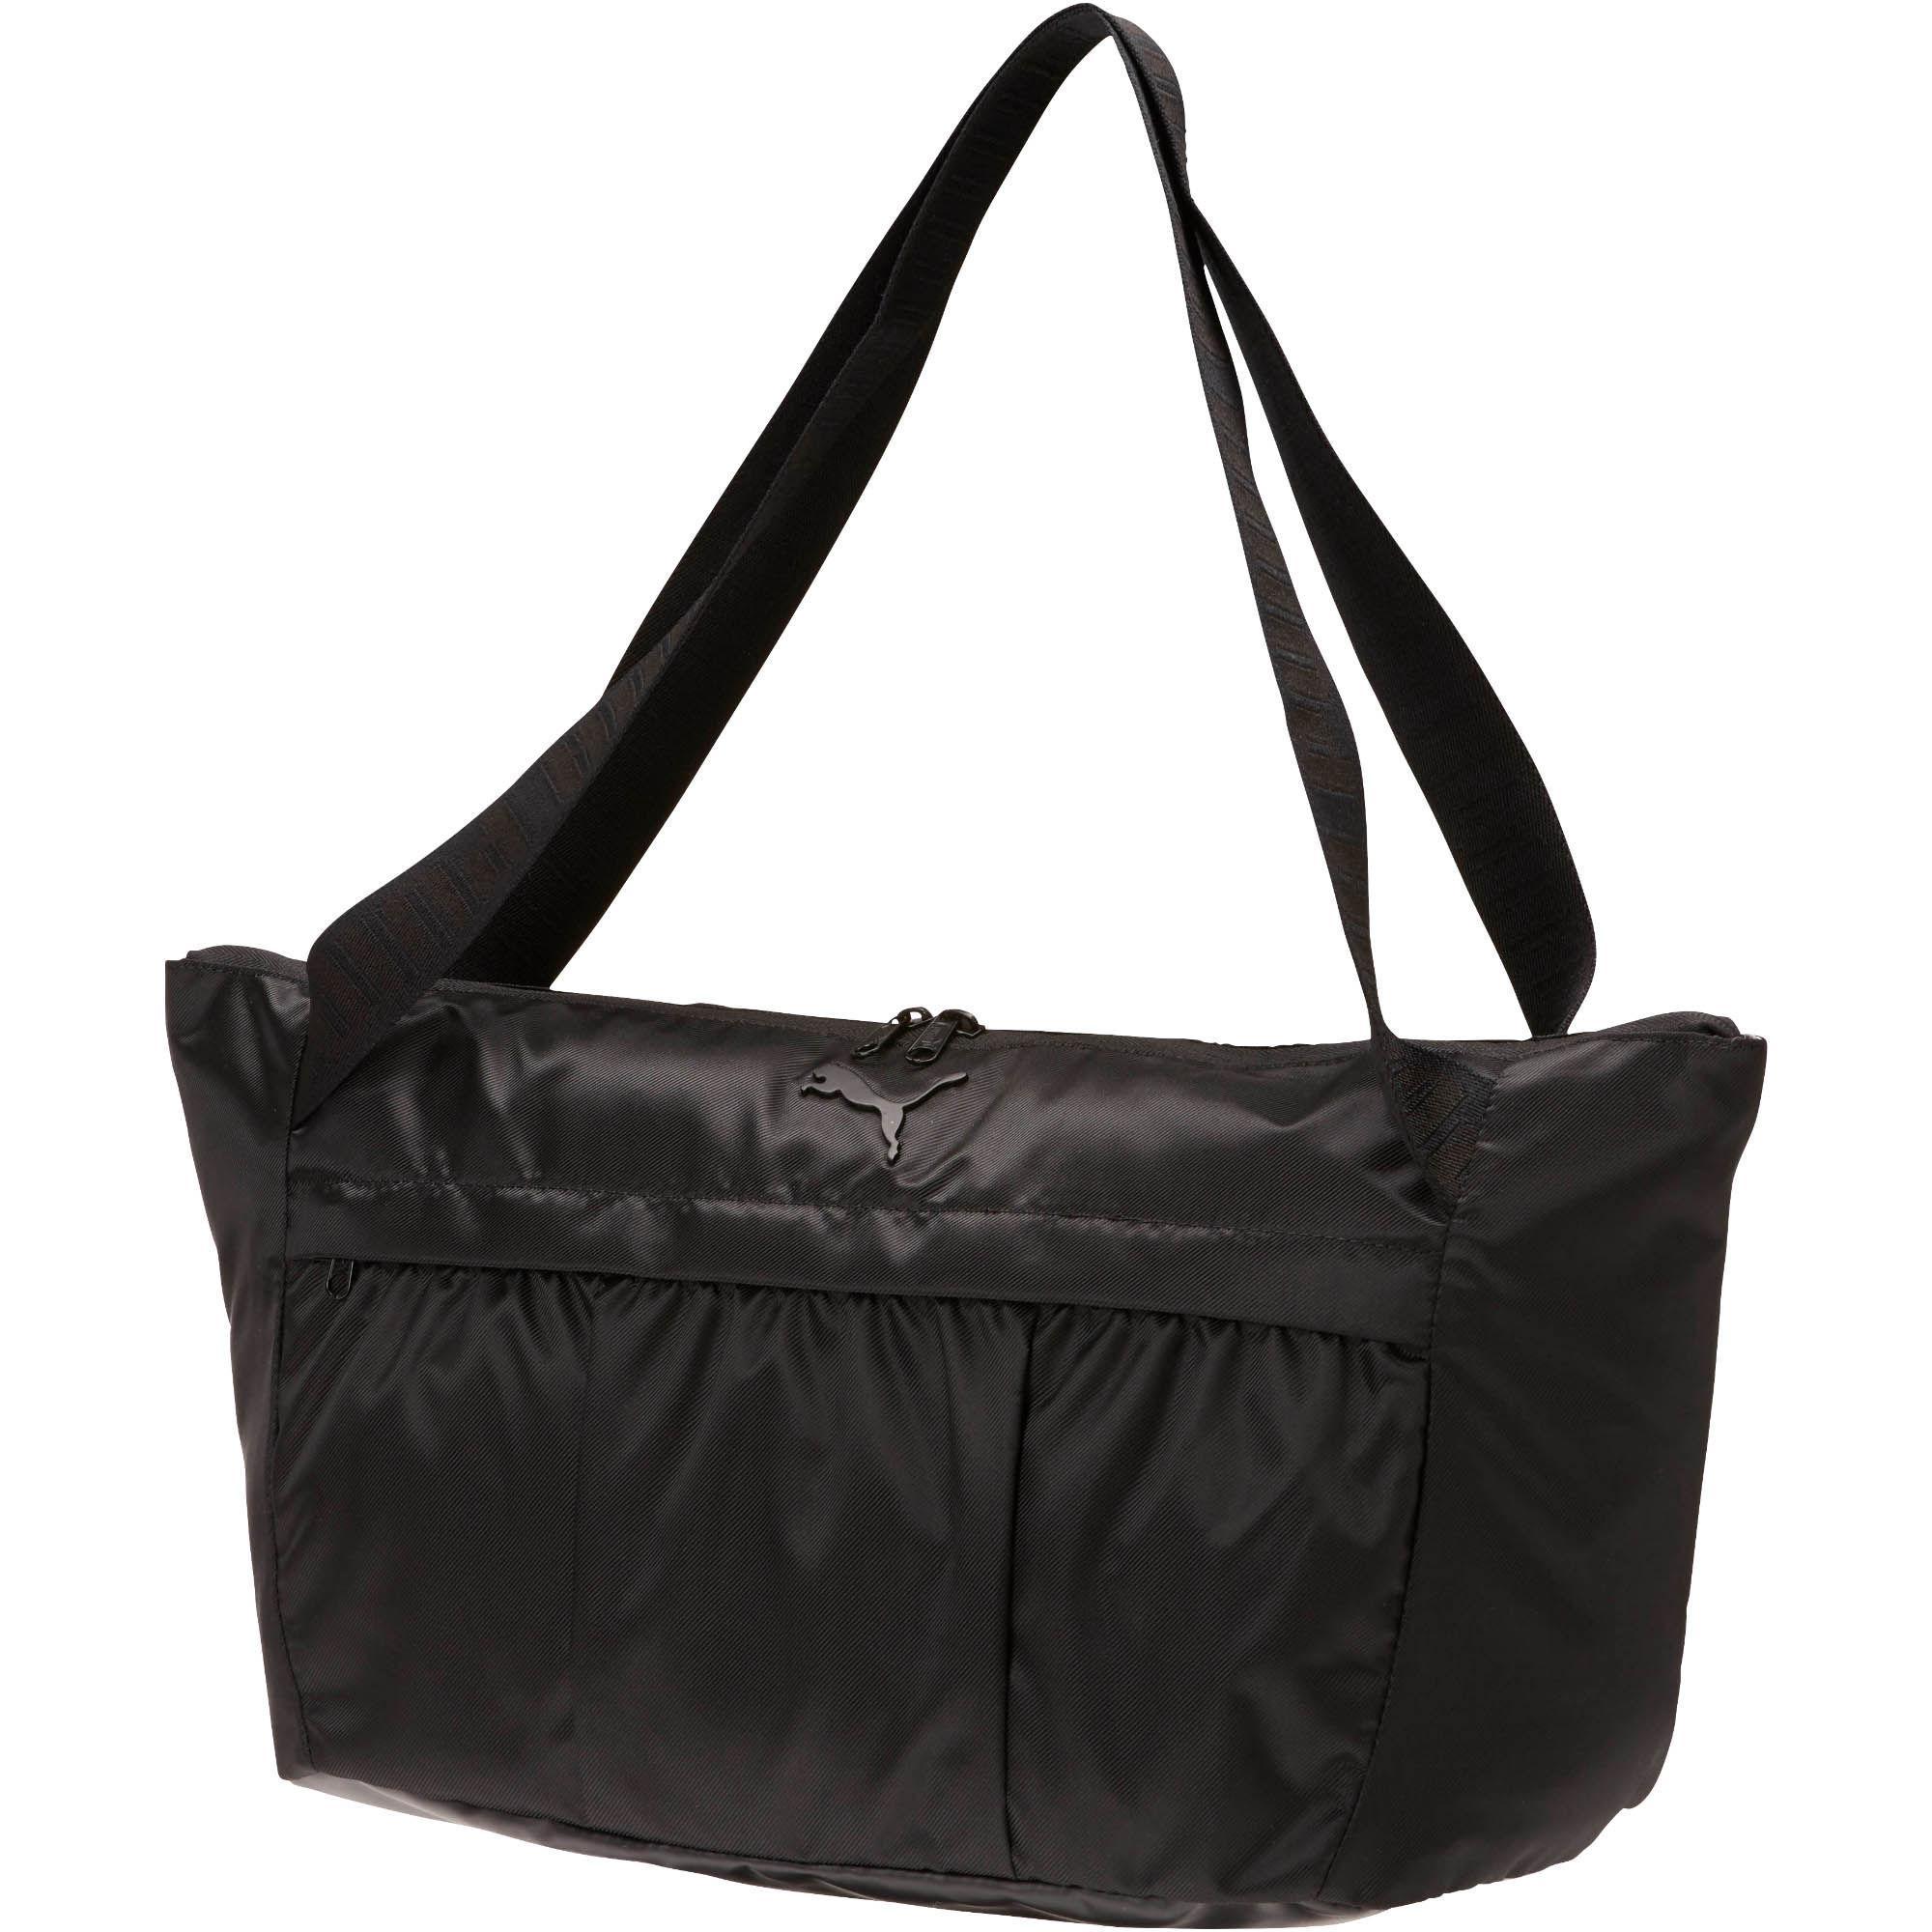 186cdbdb3e Lyst - PUMA At Sports Bag in Black